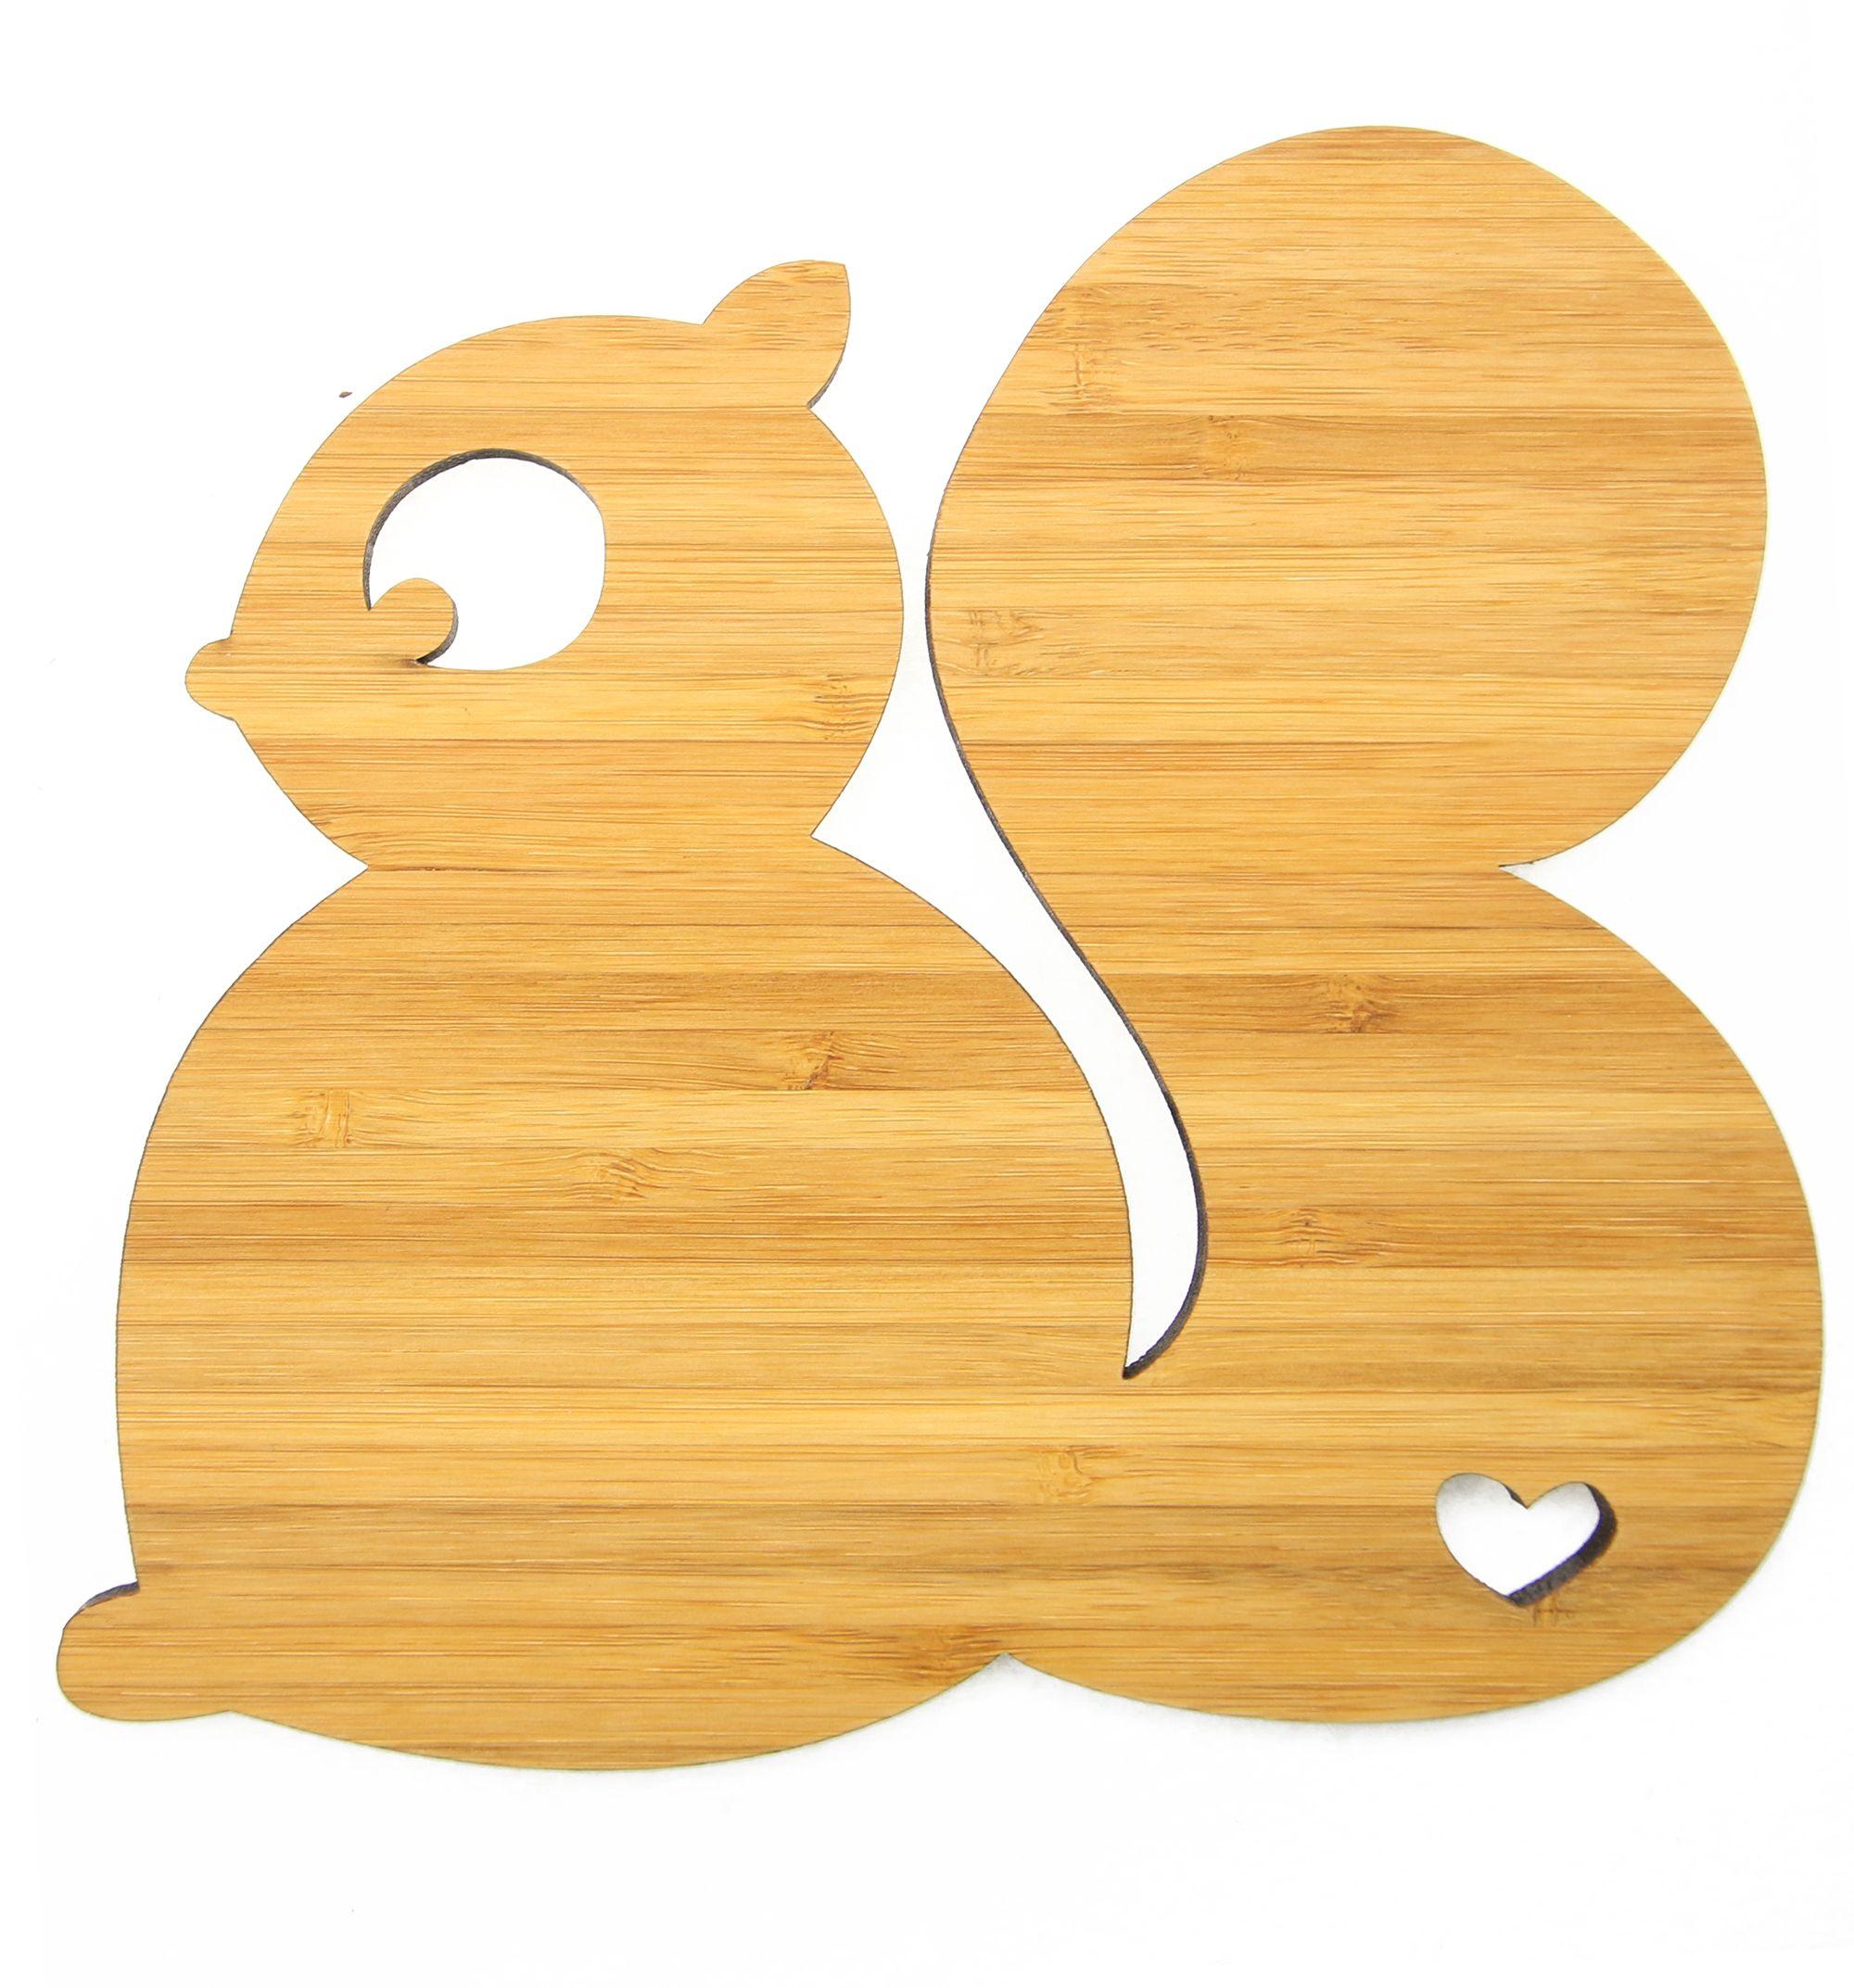 Wanddeko eichh rnchen aus bambus coffee das original von mr mrs panda ber unser motiv - Wanddeko bambus ...